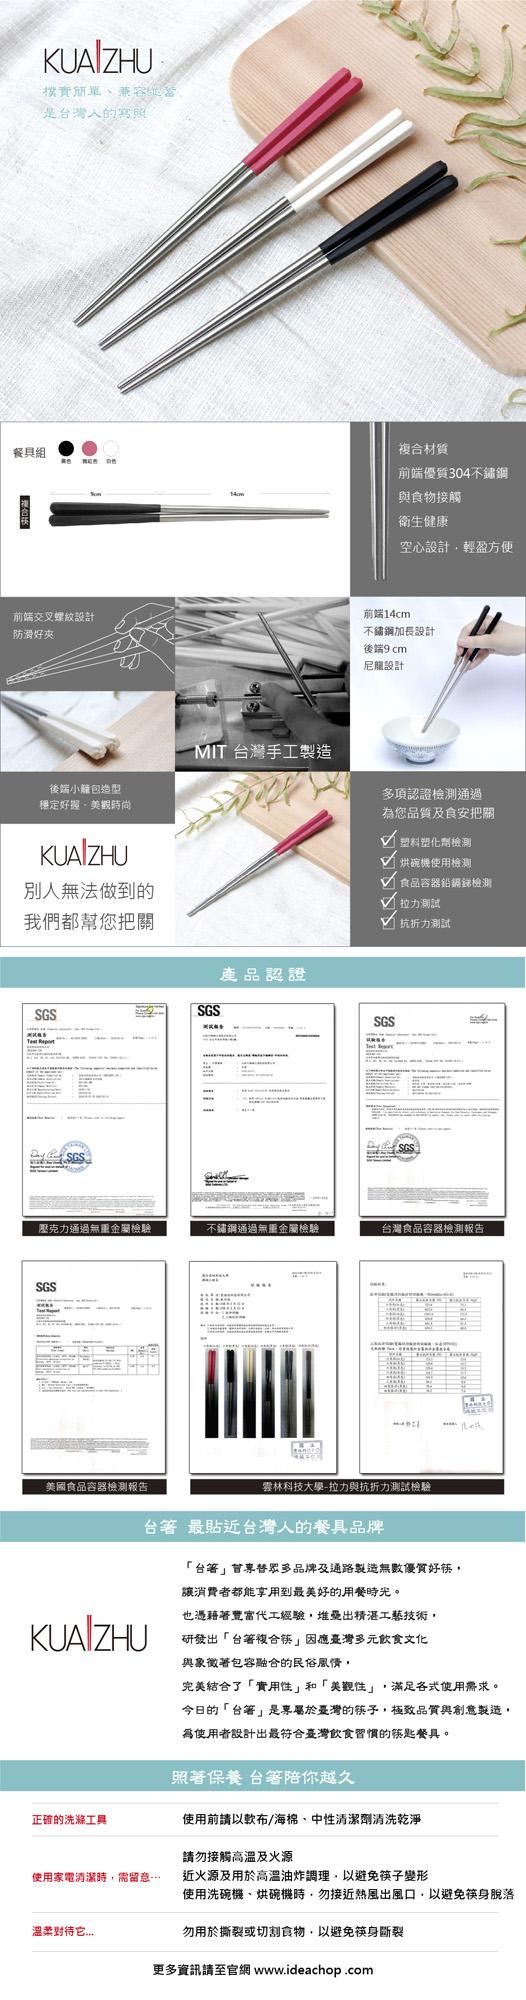 台箸 KUAI ZHU|創意六角好筷23cm 茜紅 10雙入